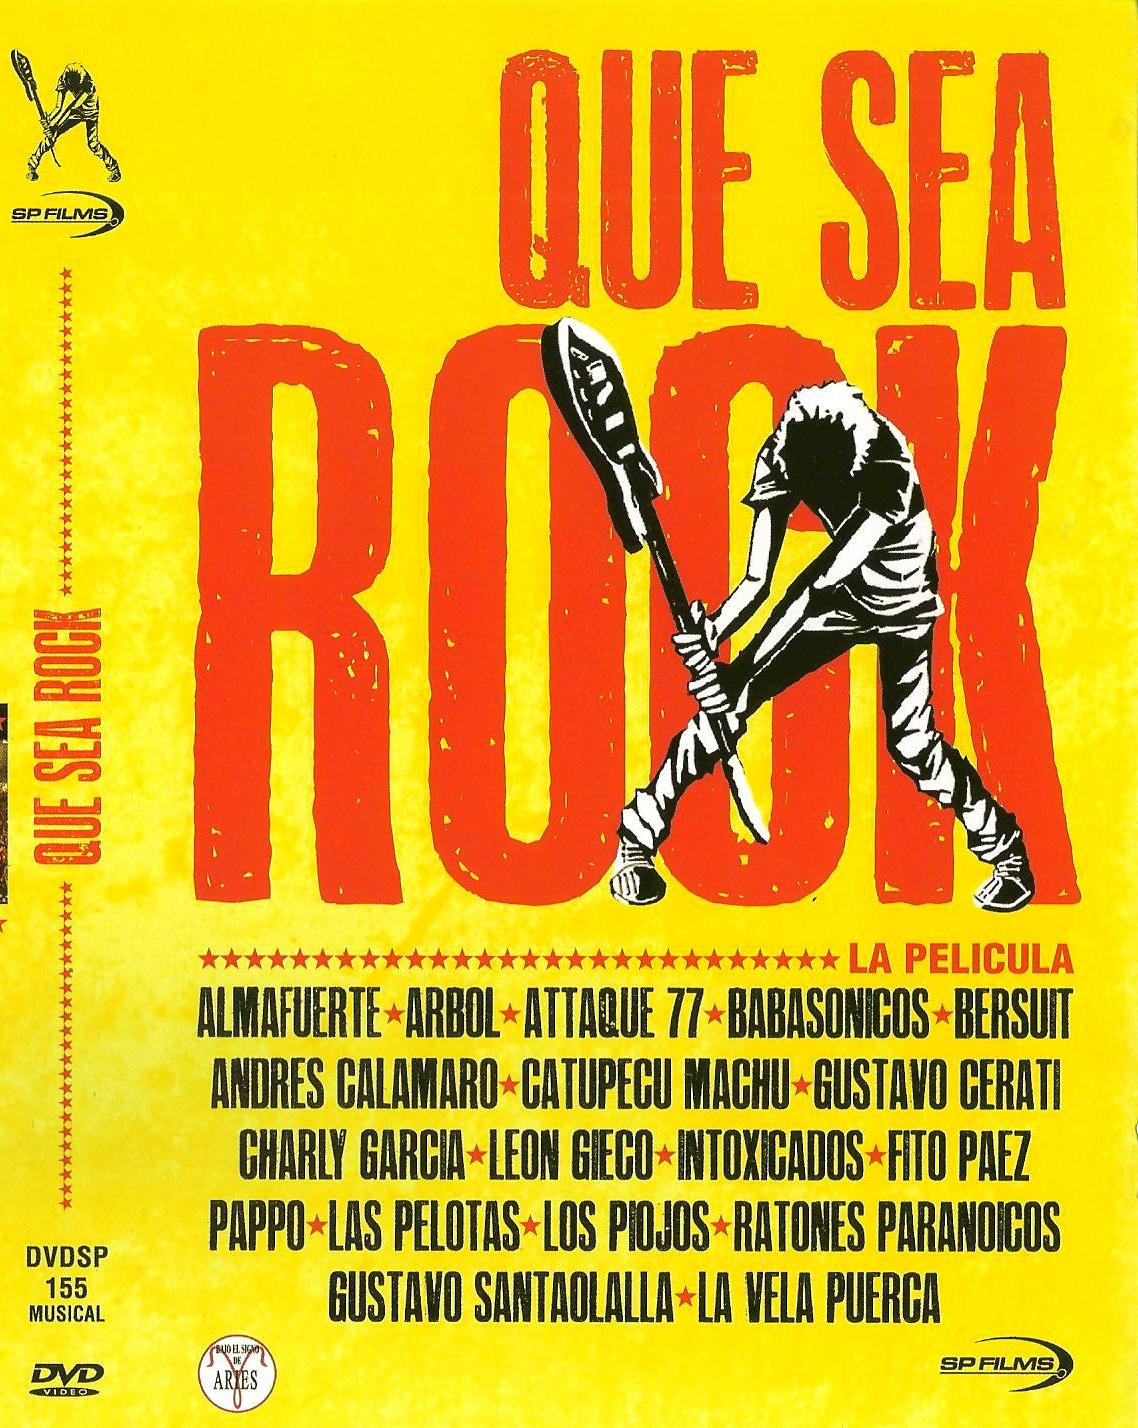 Que sea Rock 001